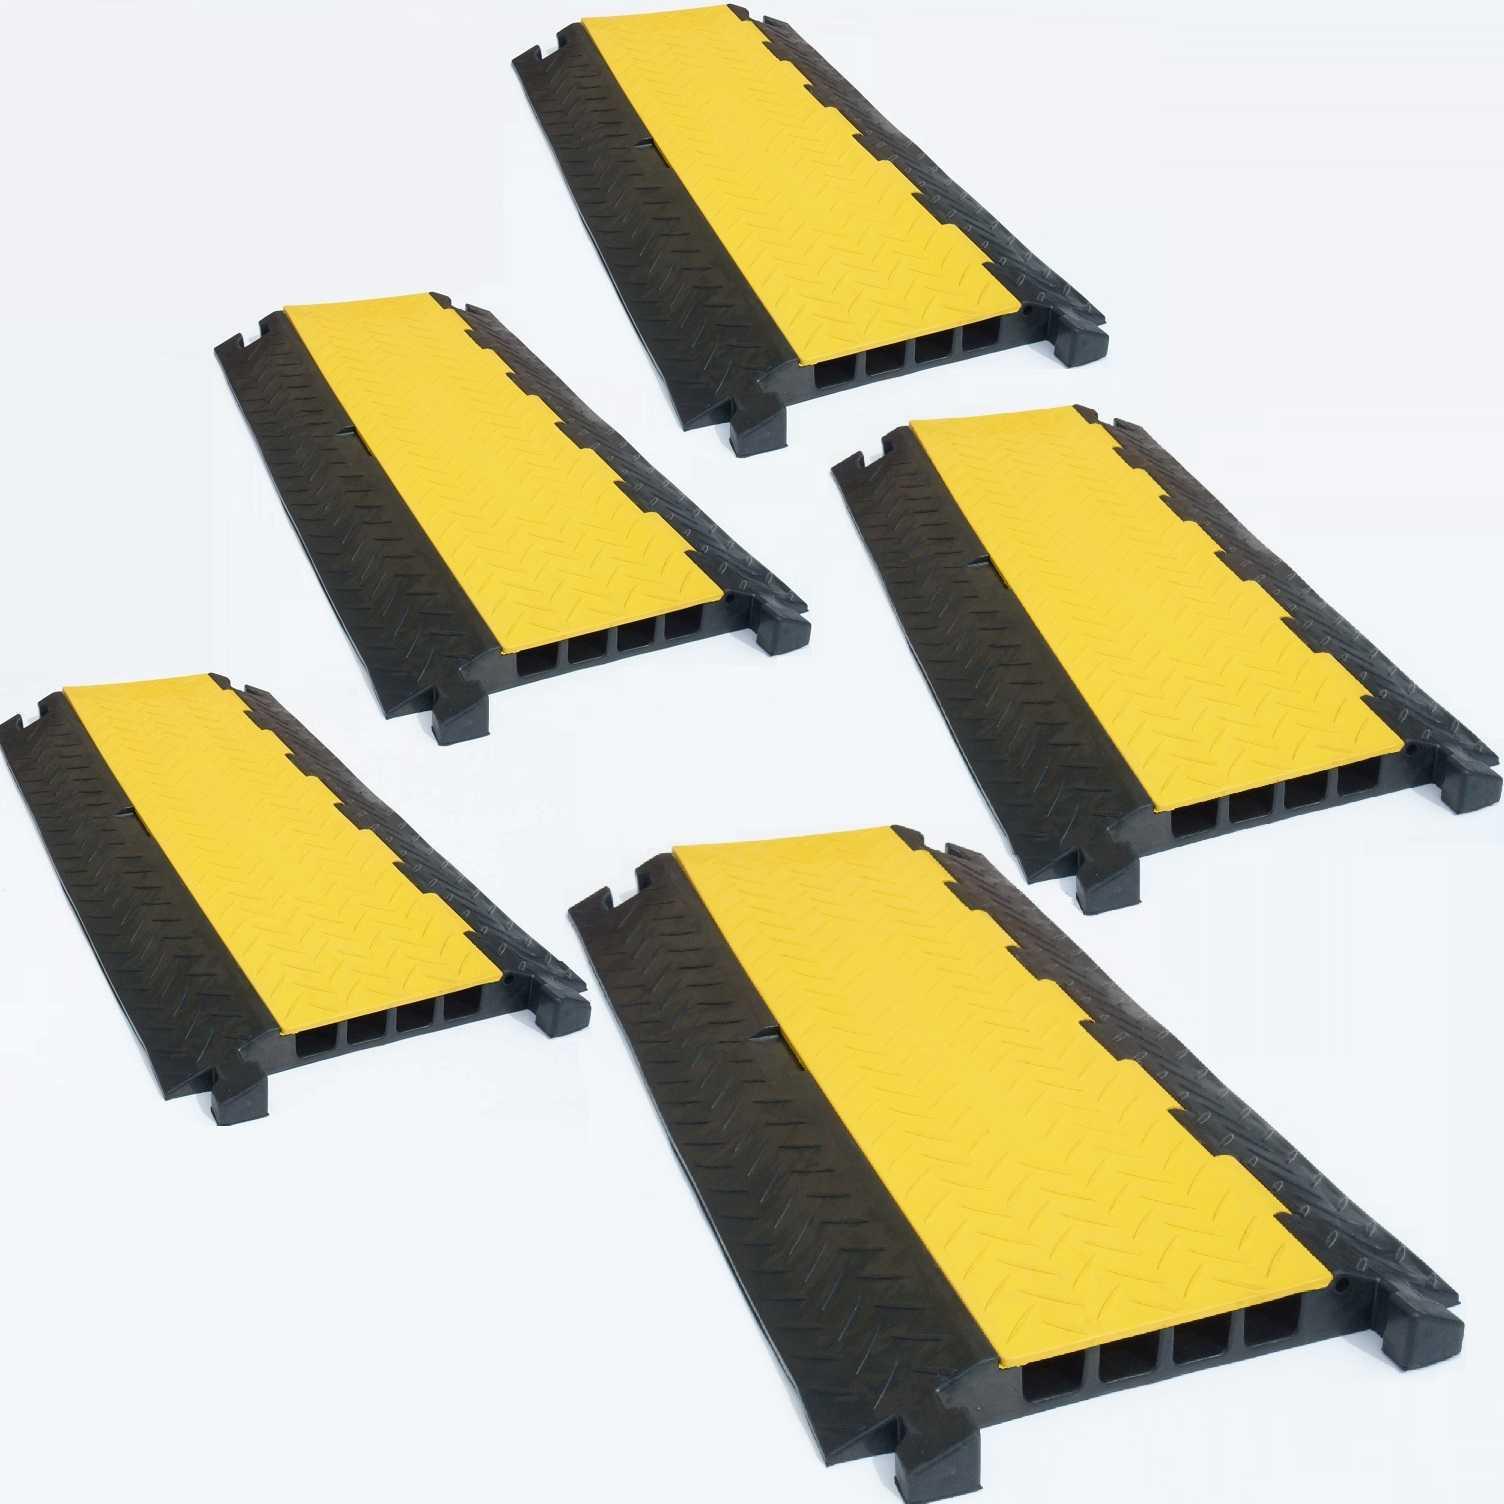 5 St. 4 canali auto Cavo Ponte Cavo protezione alla circolazione rampa Cavo Conduttura protezione